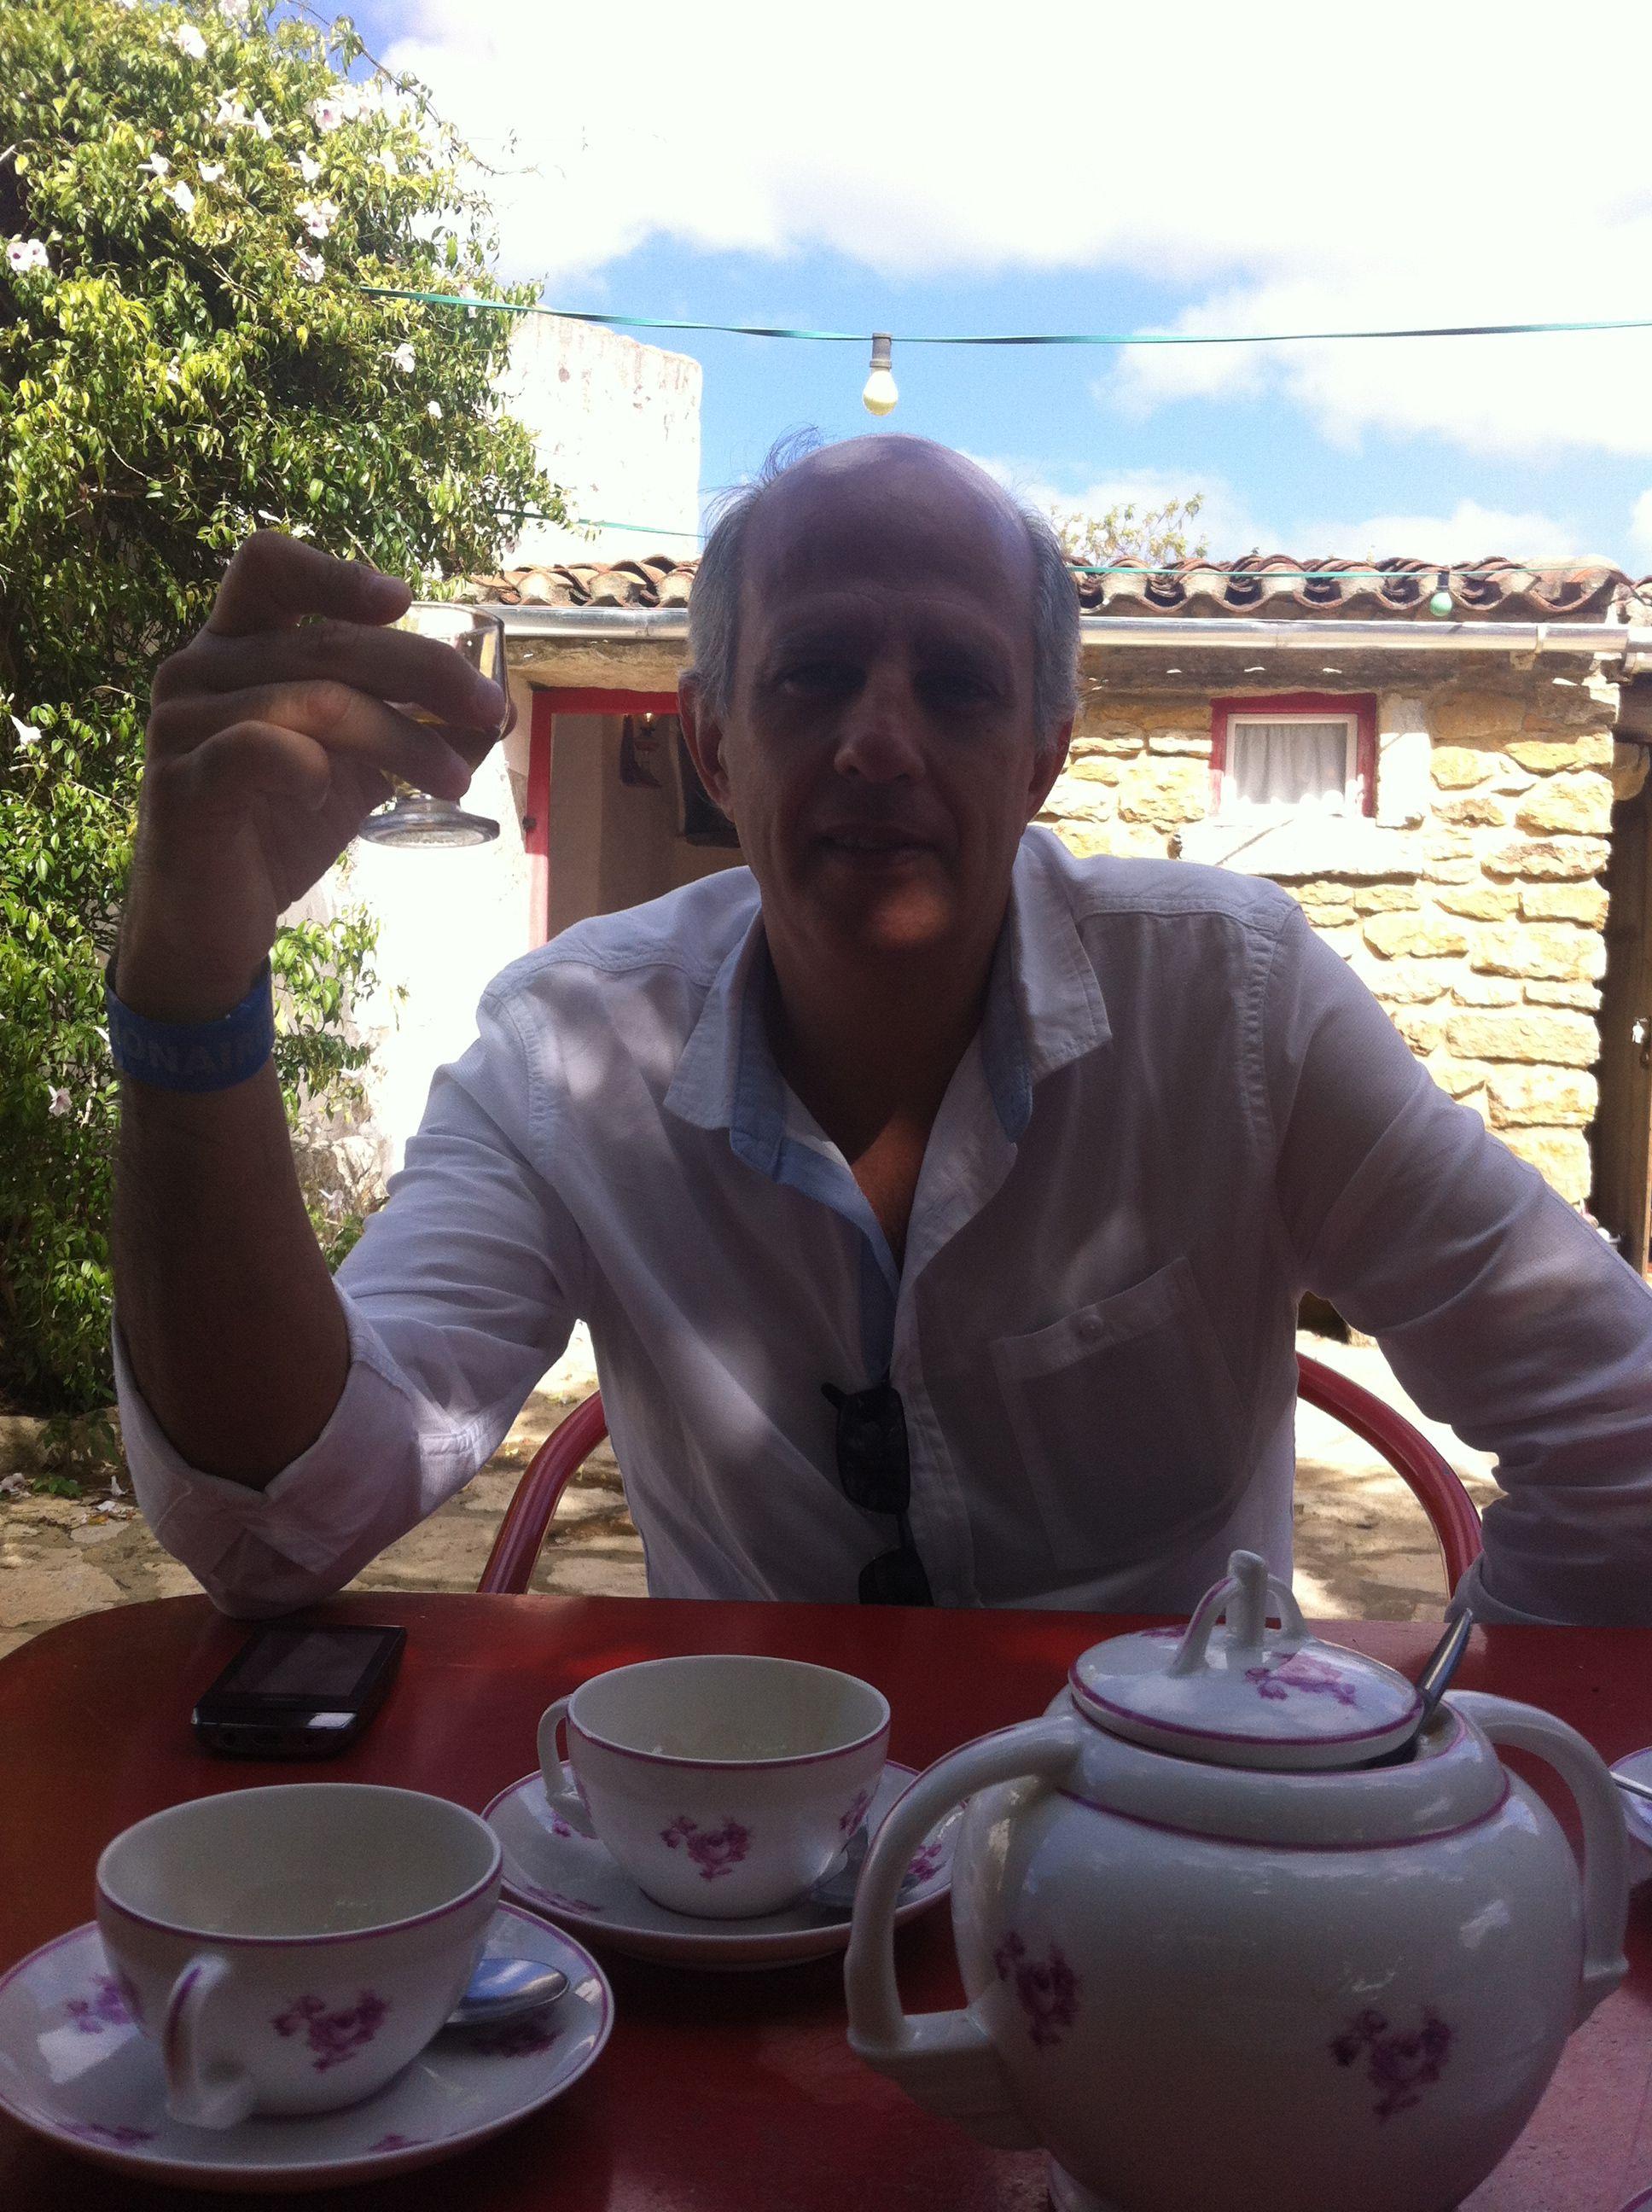 O Carlos, o café servido num bule em chávena de porcelana e um Licor de Hortelã 5* na Aldeia da Mata Pequena, Mafra!